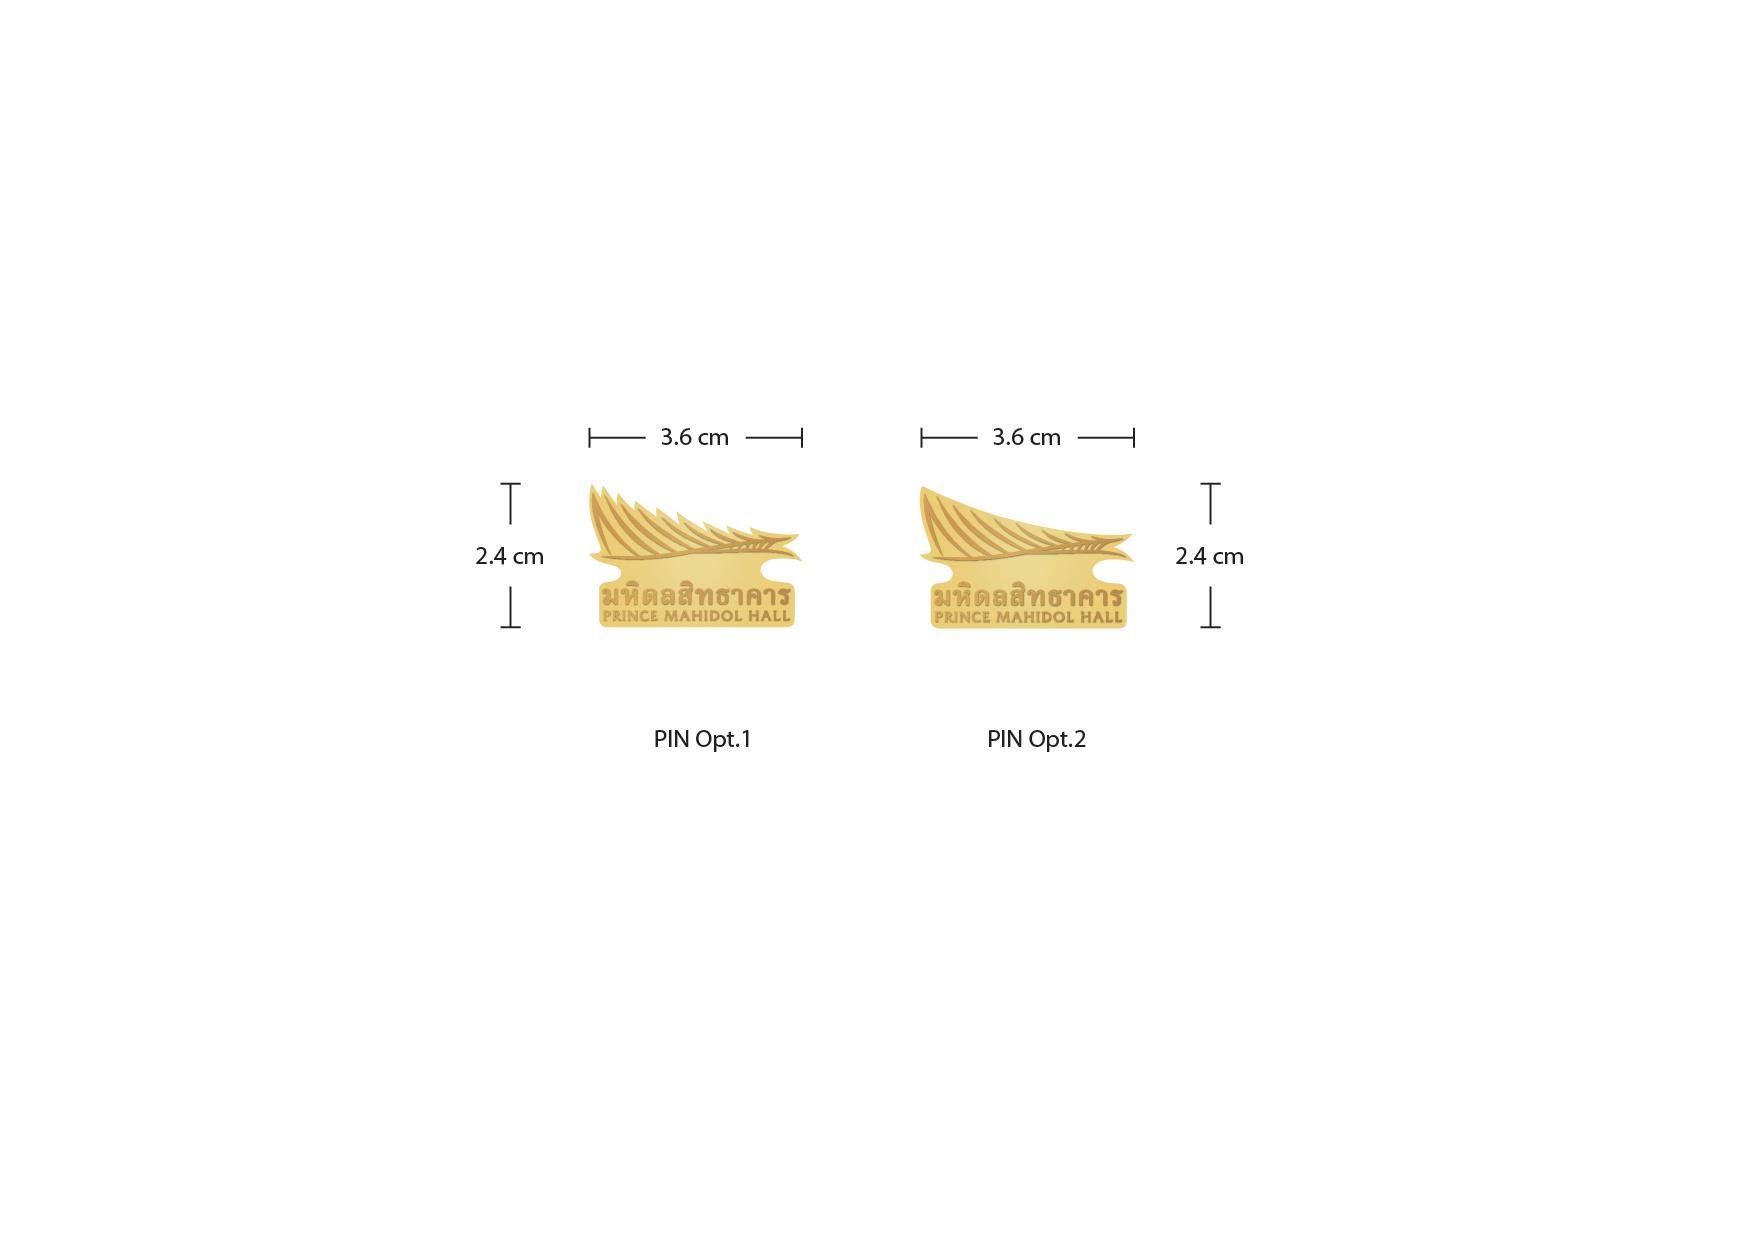 MHD_PIN-01